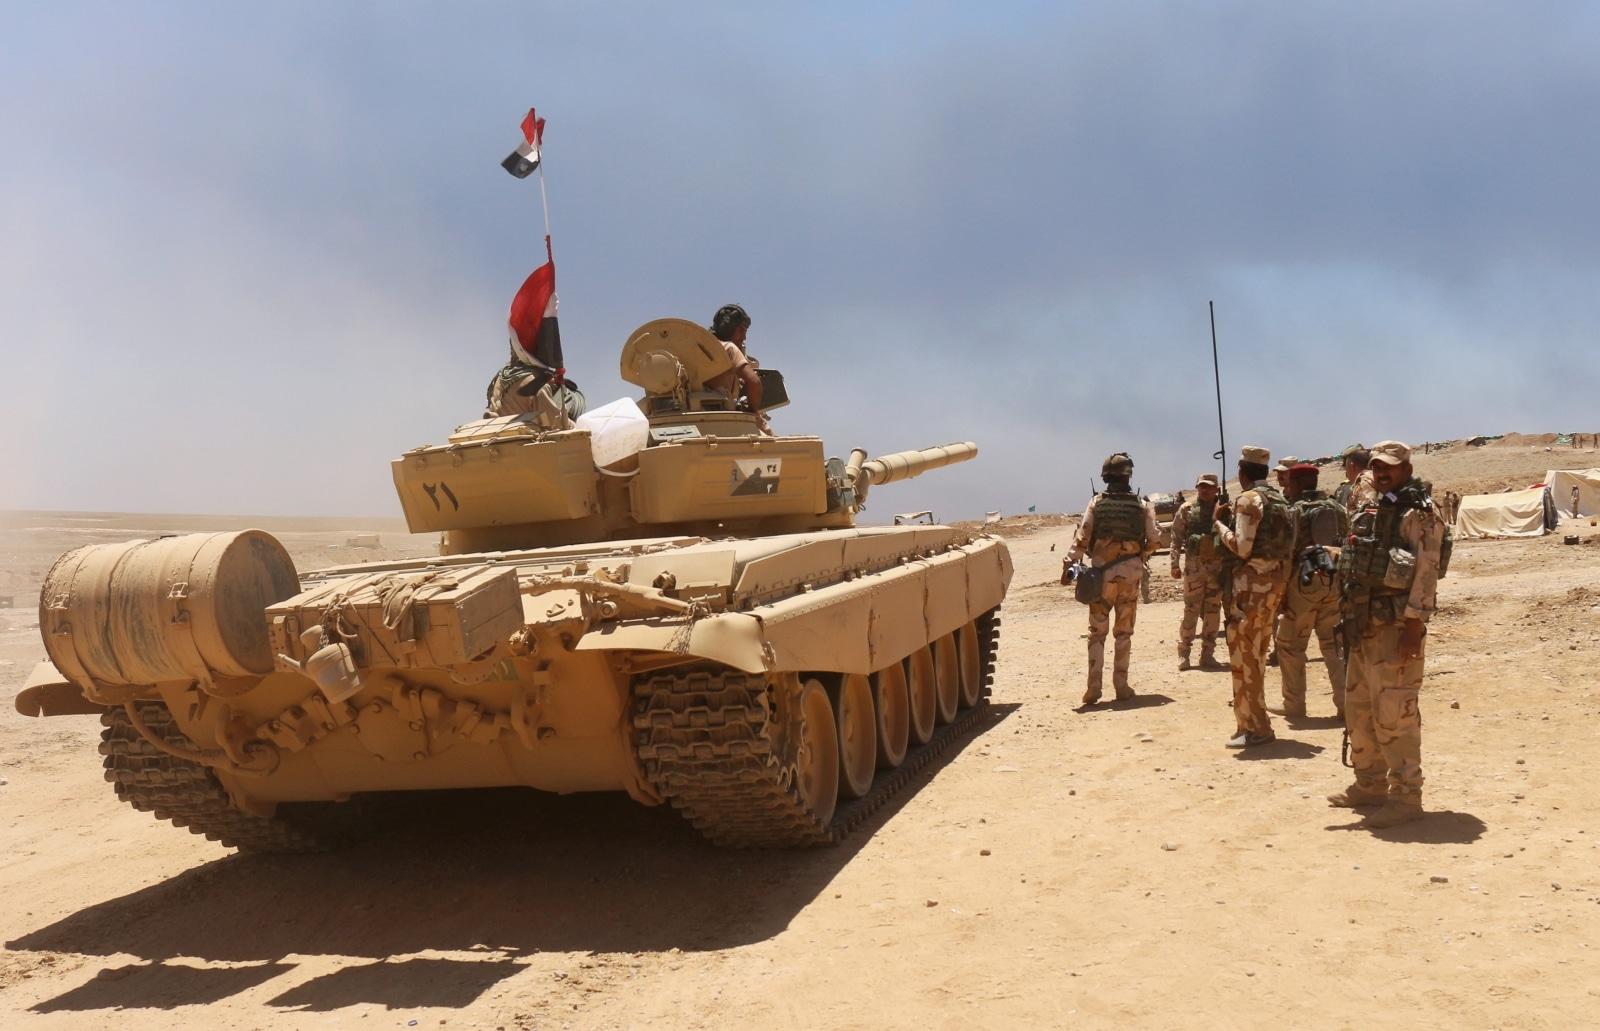 L'esercito iracheno è entrato a Tal Afar, roccaforte dell'Isis